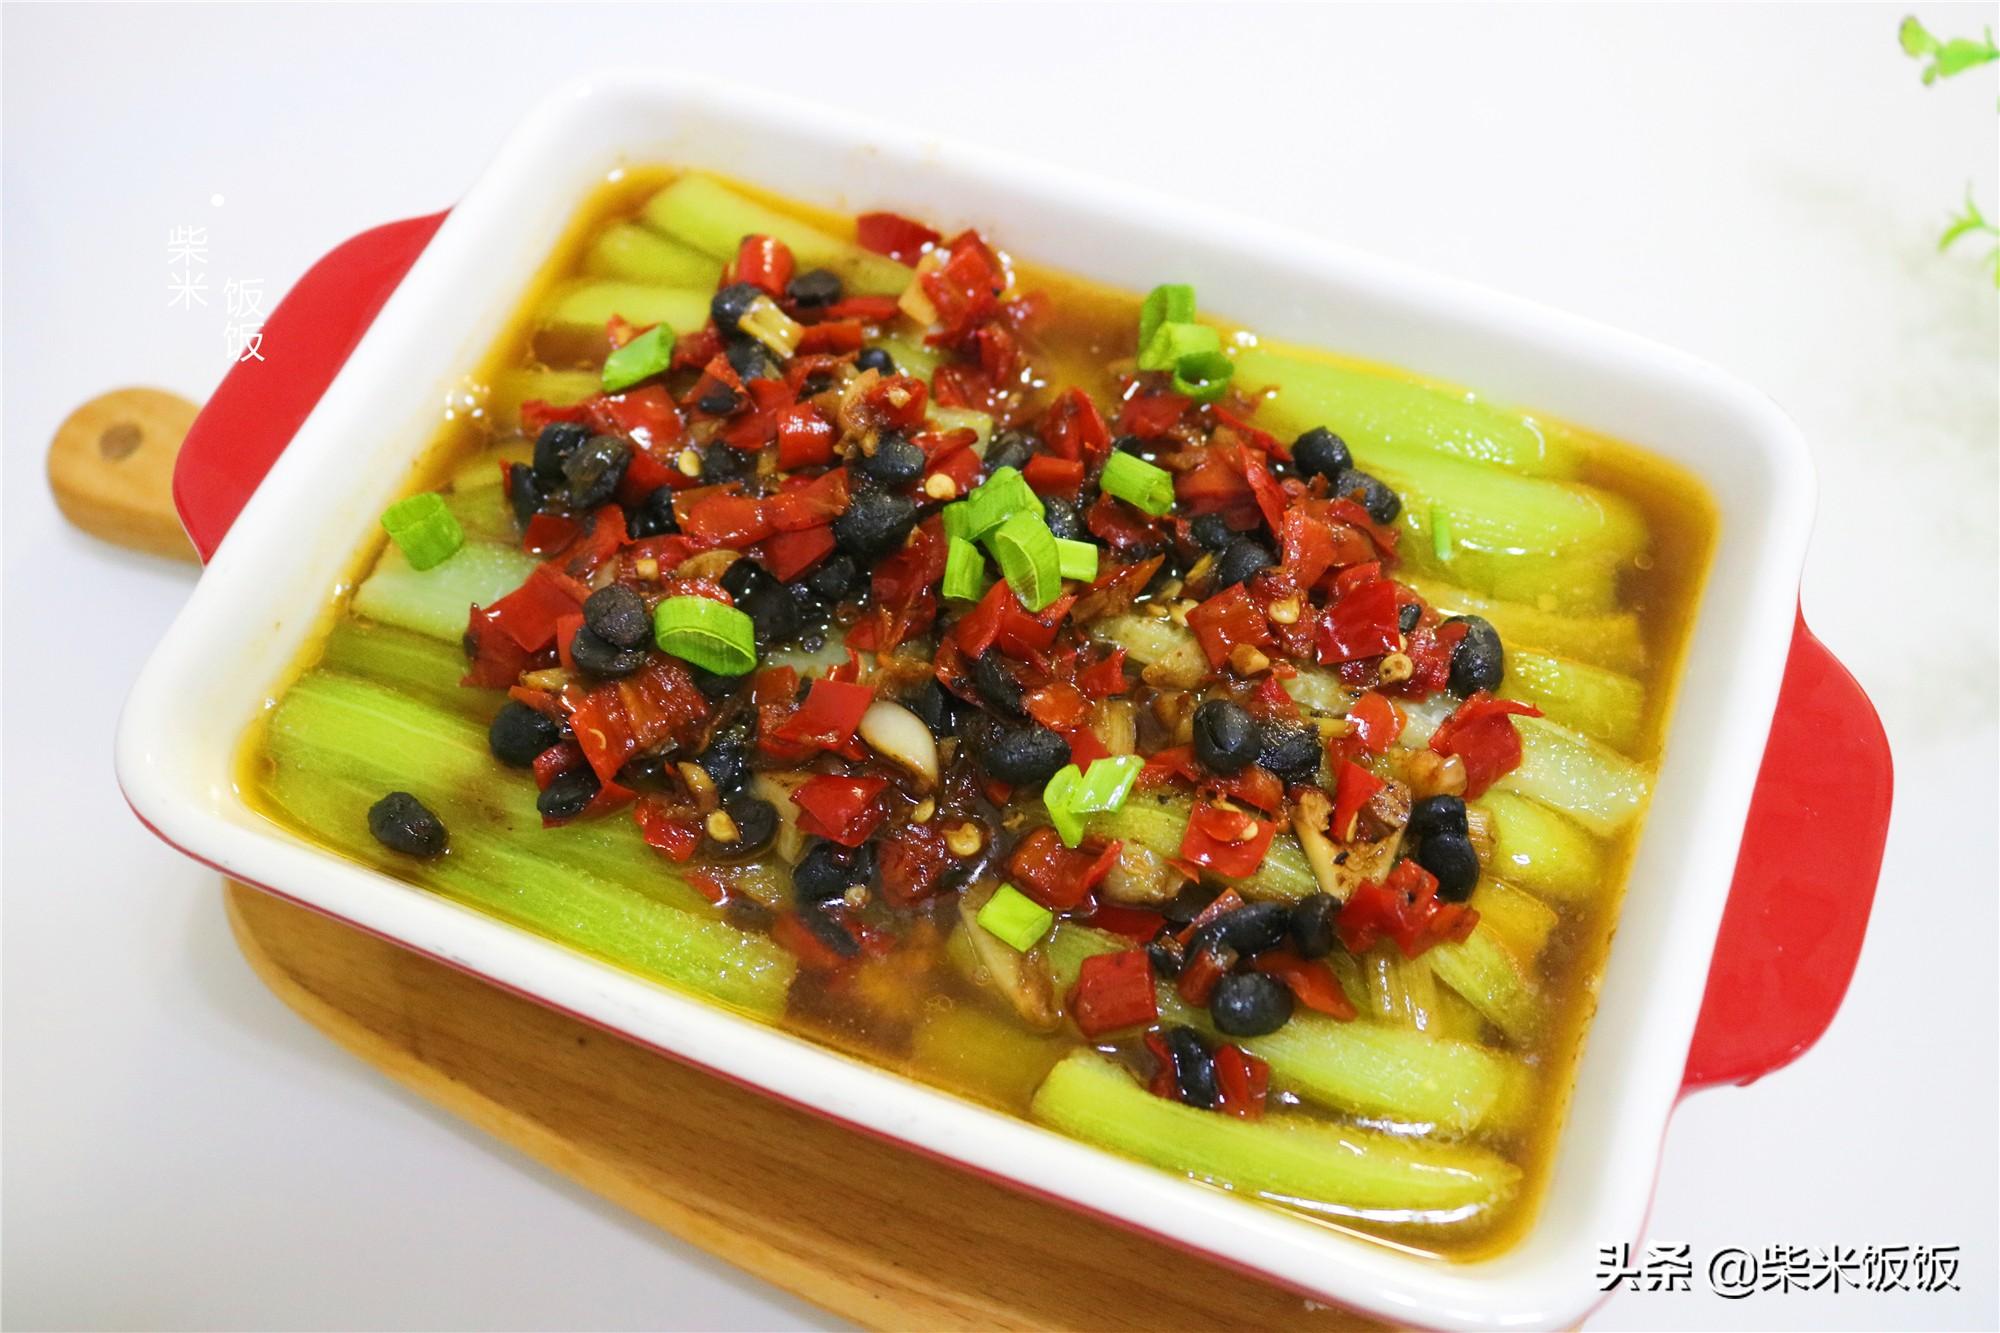 秋天多吃蒸菜,这8道做法都简单,少油少盐,滋润好吃不上火